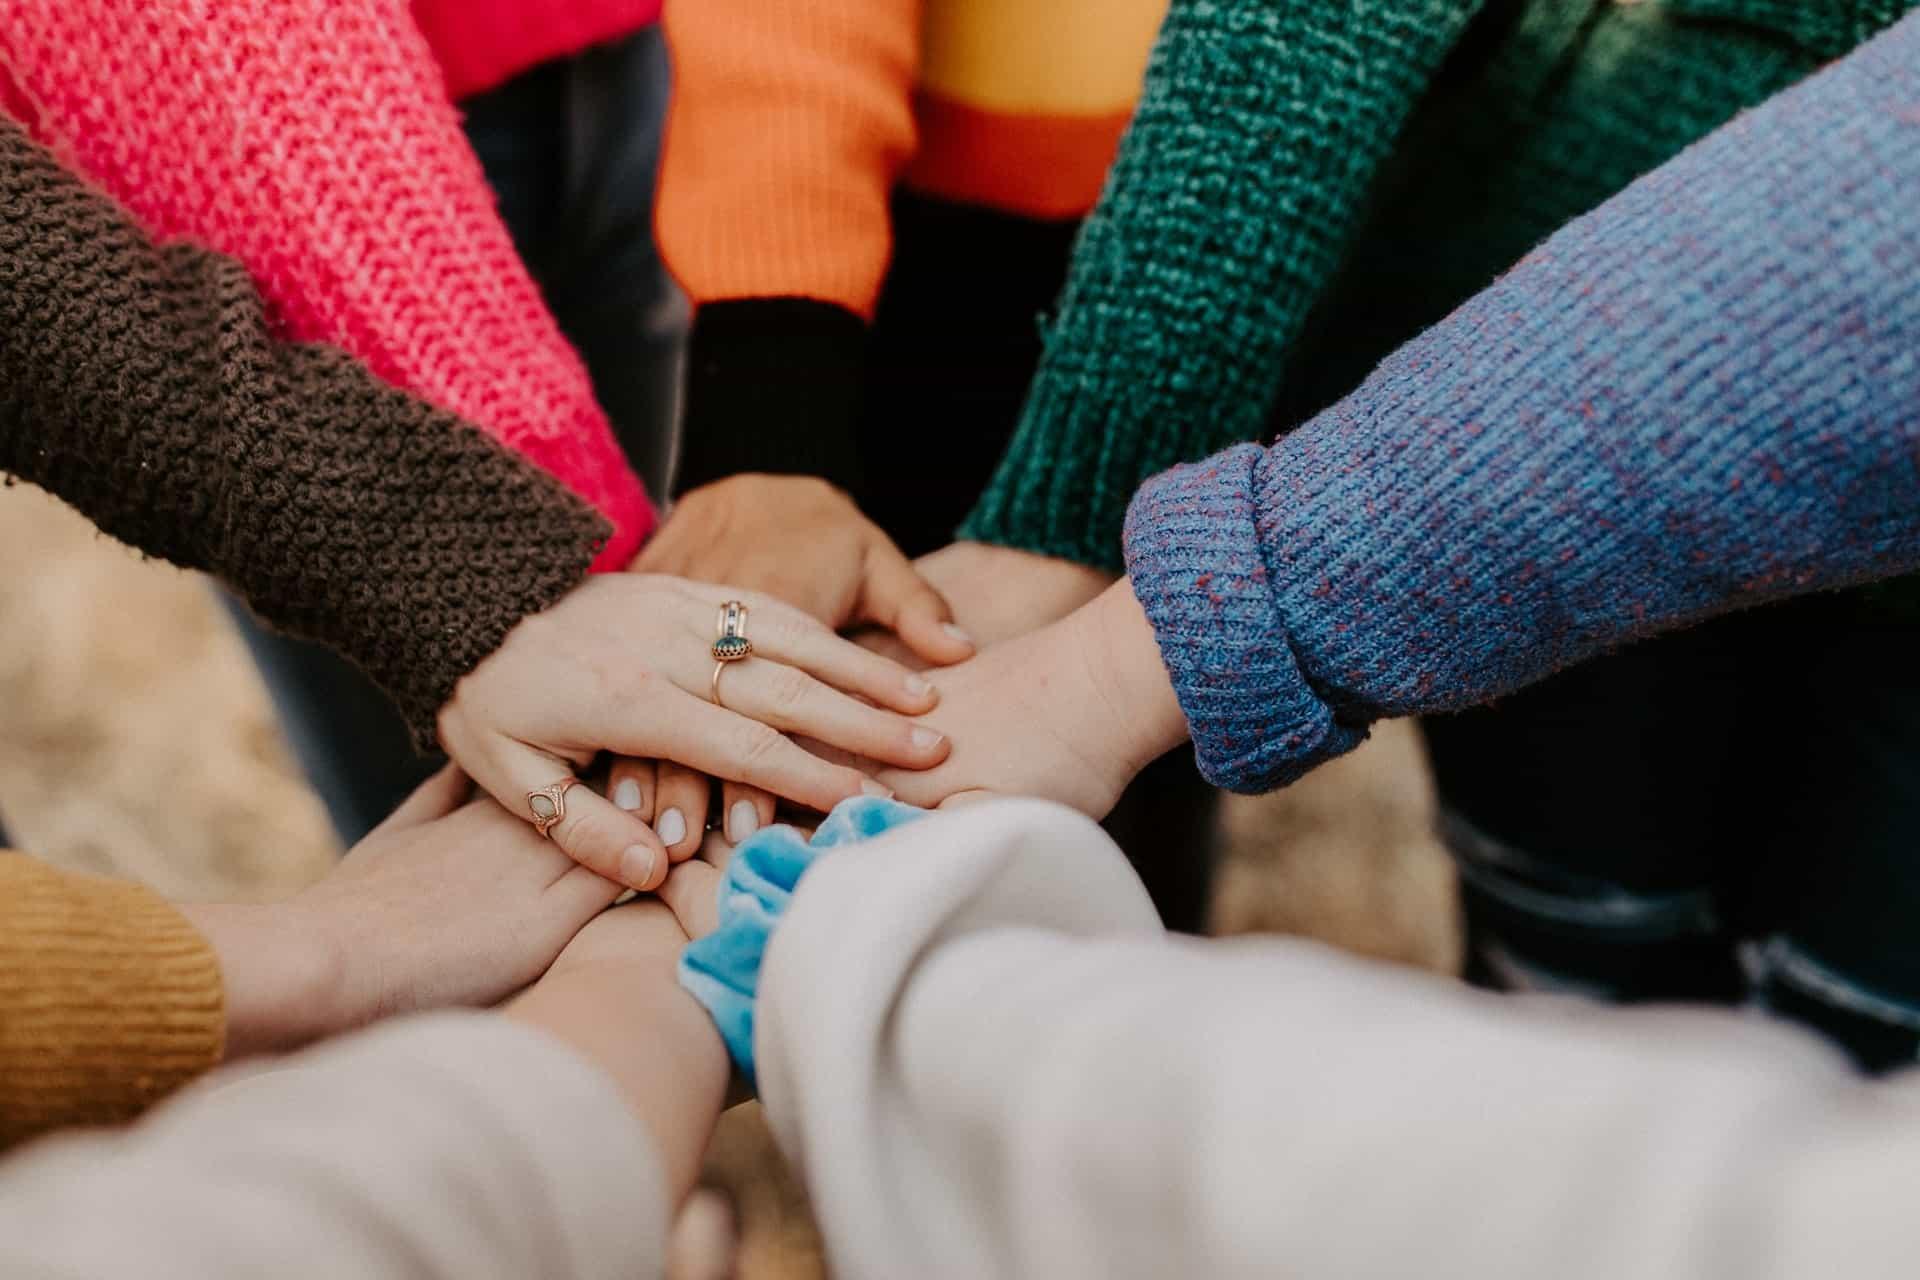 Ryhmä ihmisiä on asettanut kätensä päällekkäin.